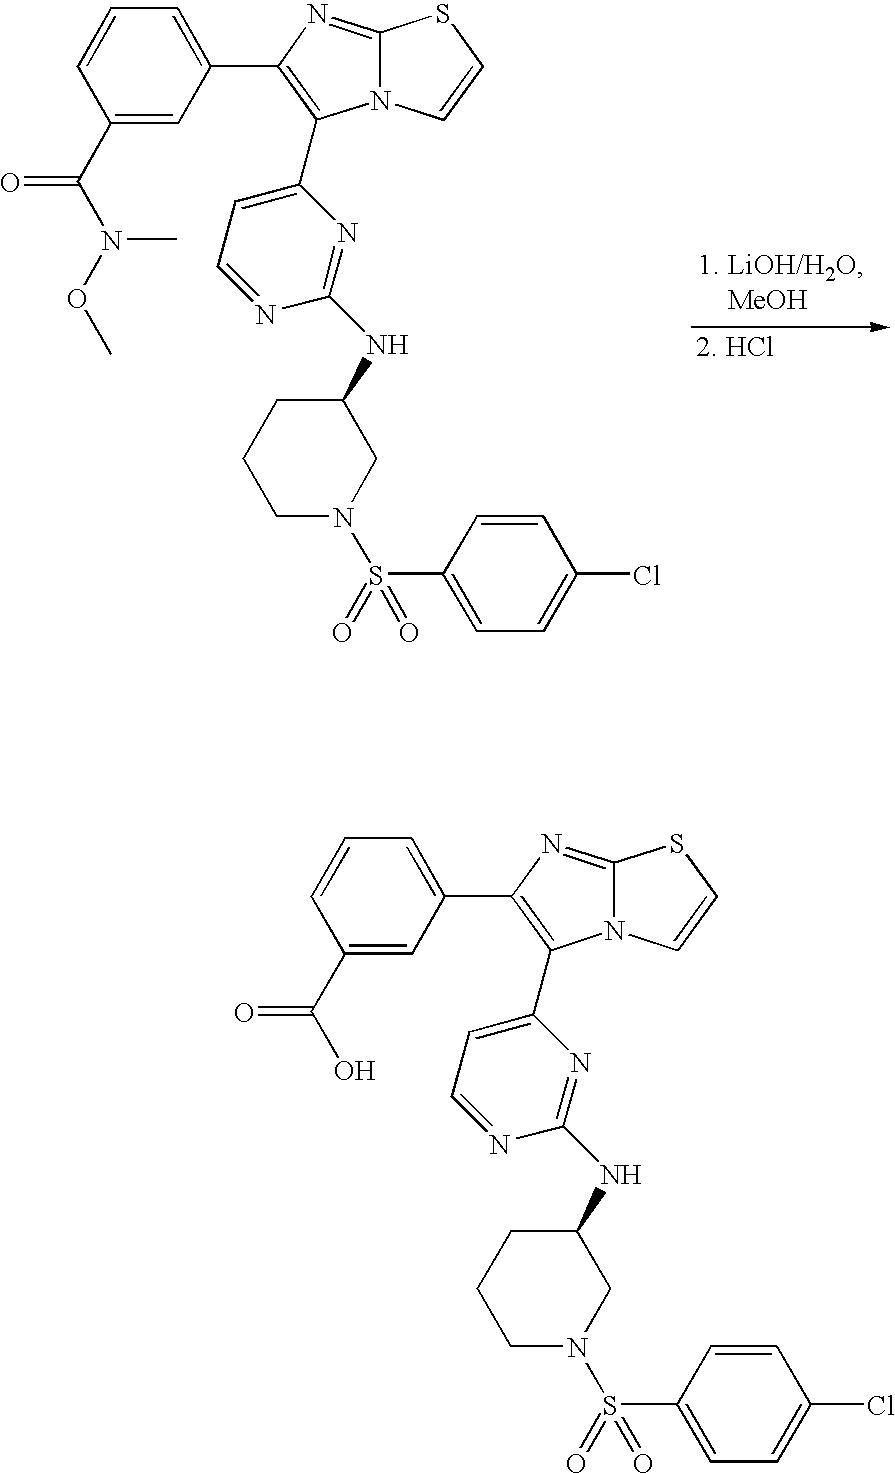 Figure US20090136499A1-20090528-C00056